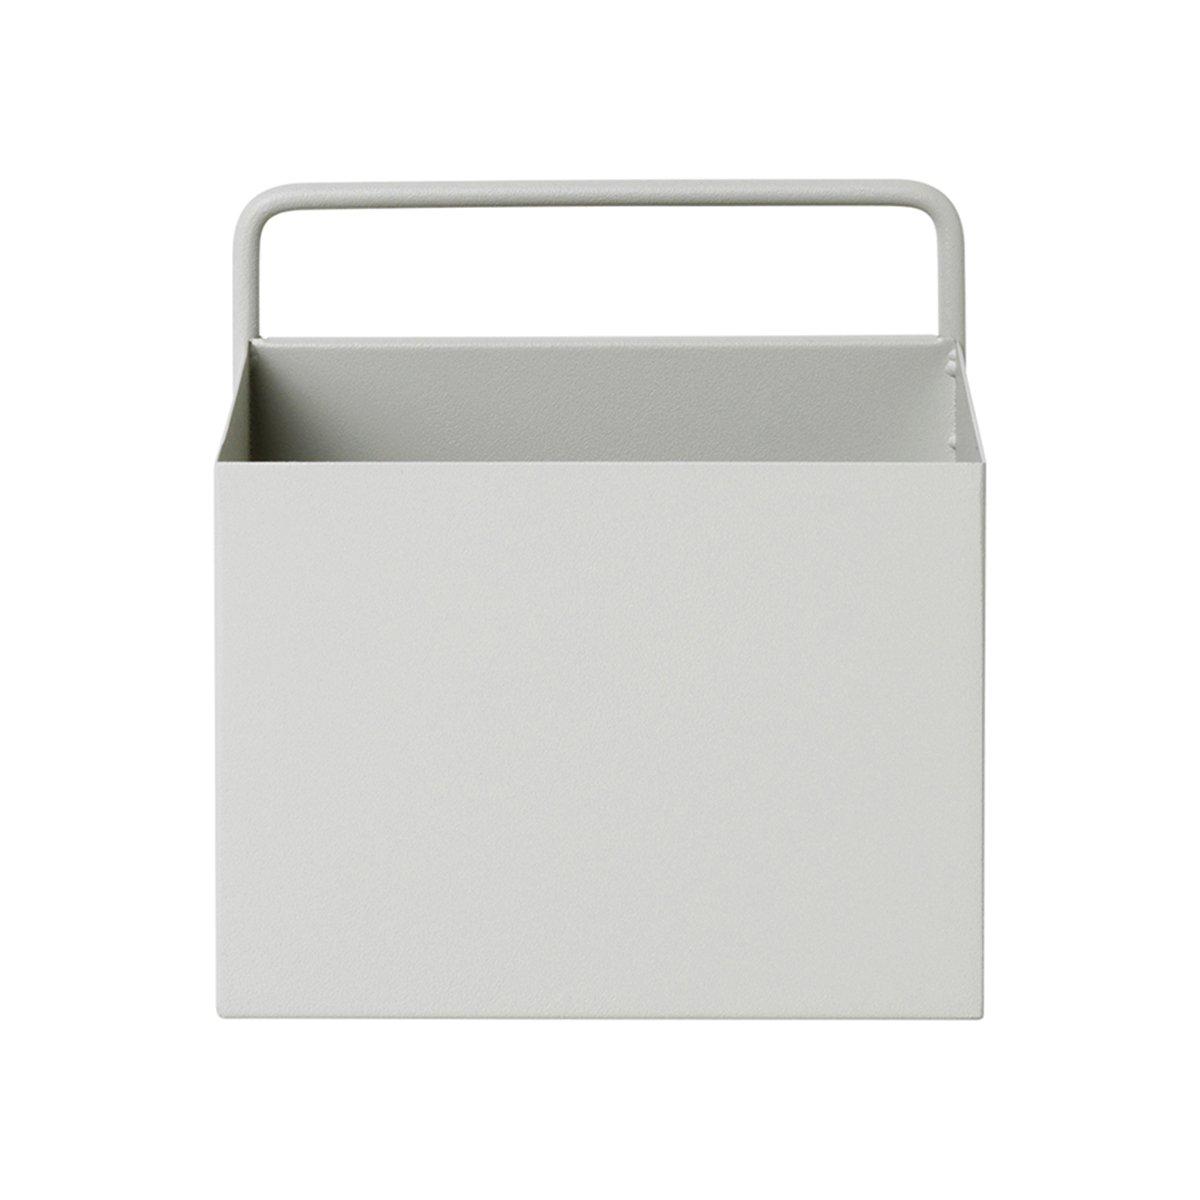 Ferm Living Wall Box Vierkant - Lichtgrijs